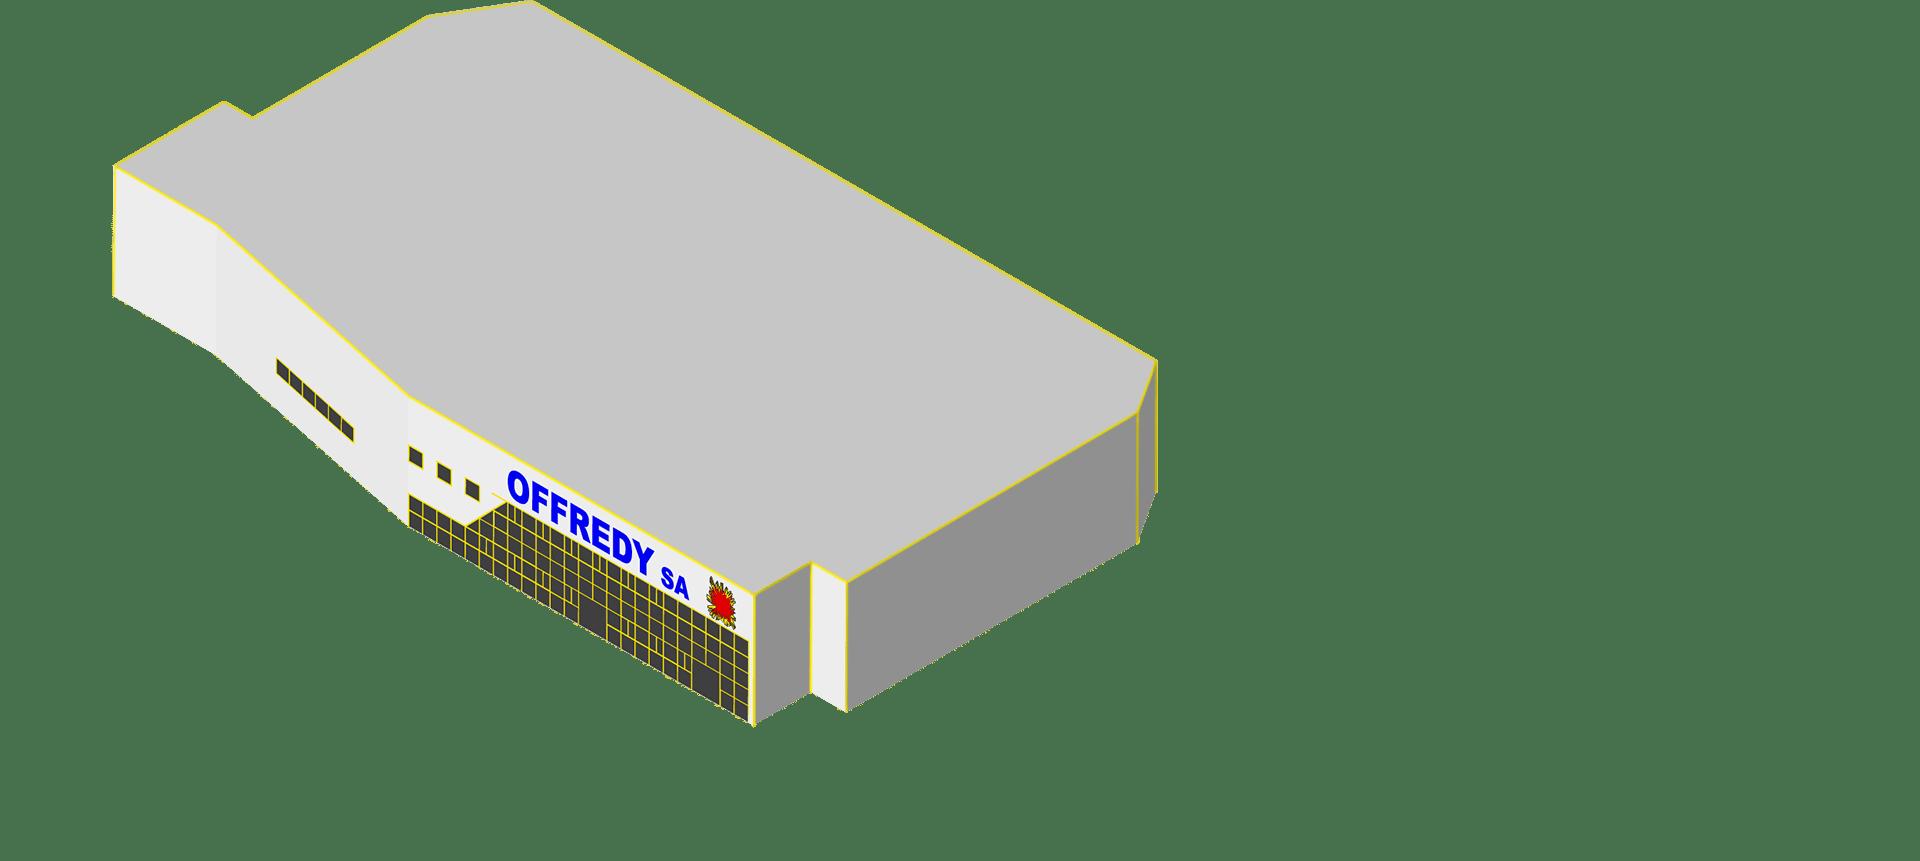 moyens de production d'offredy